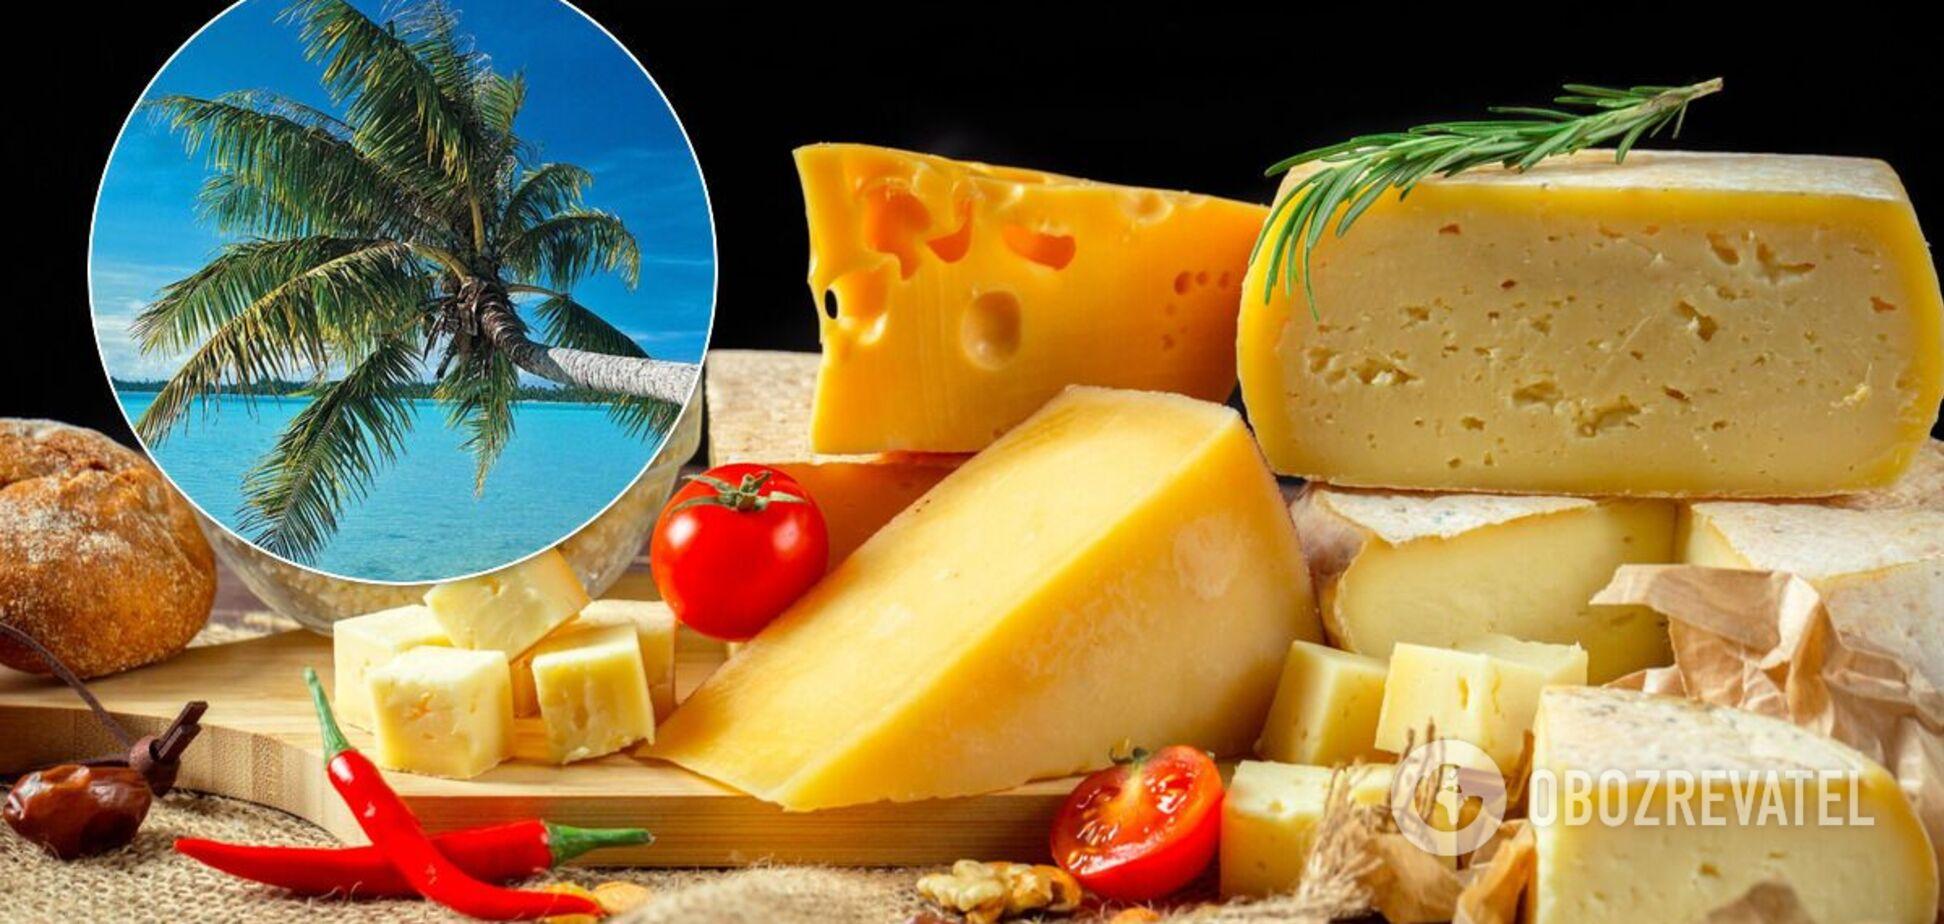 В Україні підробками сирів завалили всі прилавки – Союз споживачів